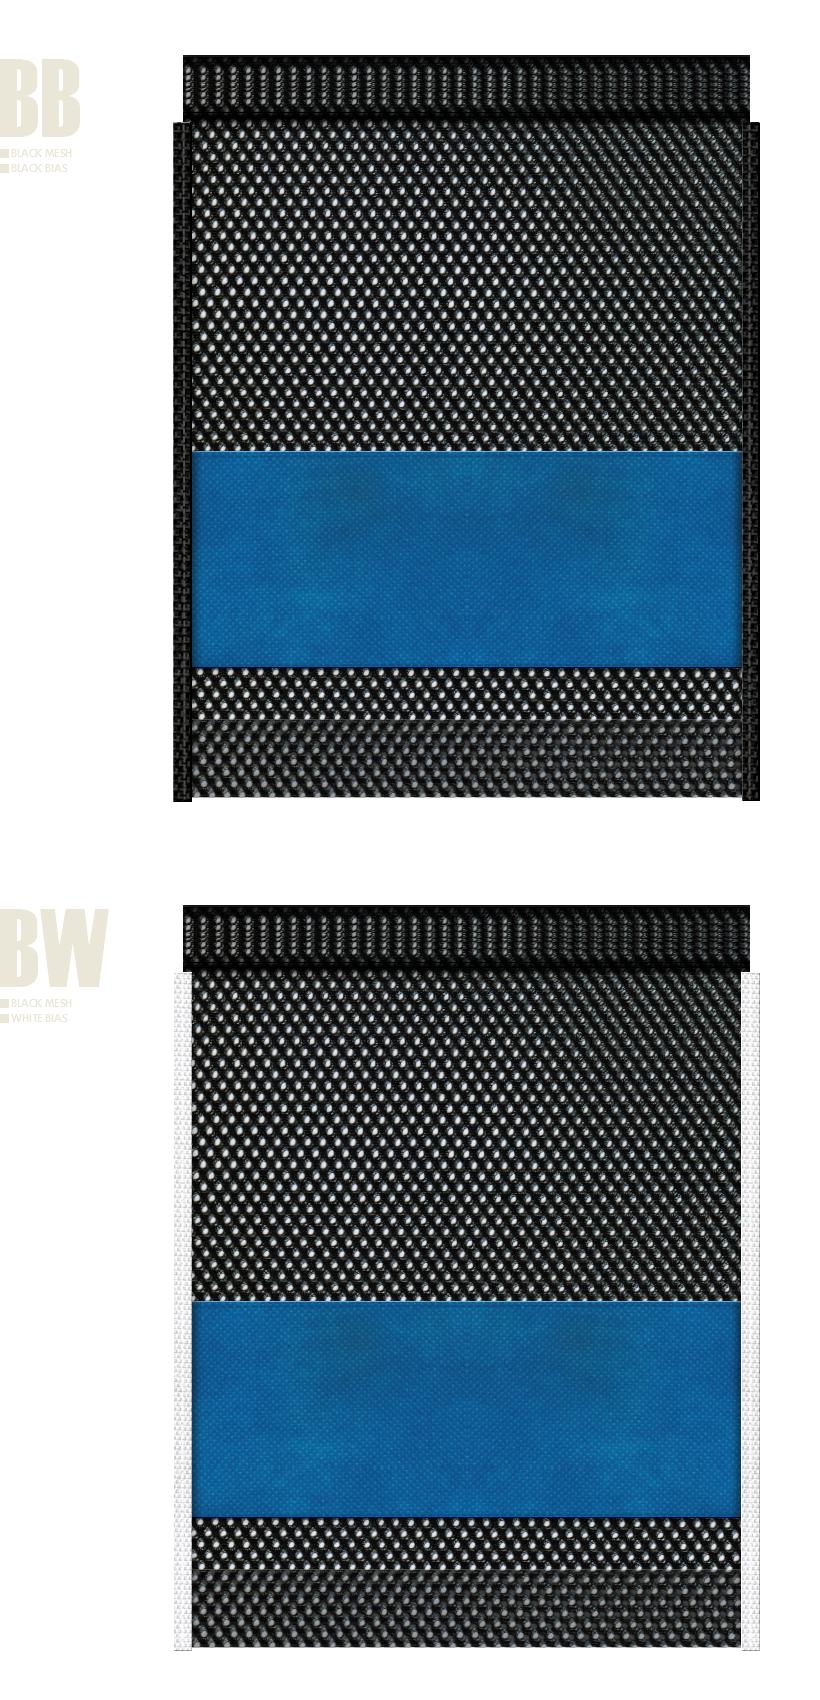 黒色メッシュと青色不織布のメッシュバッグカラーシミュレーション:スポーツ用品・シューズバッグにお奨め